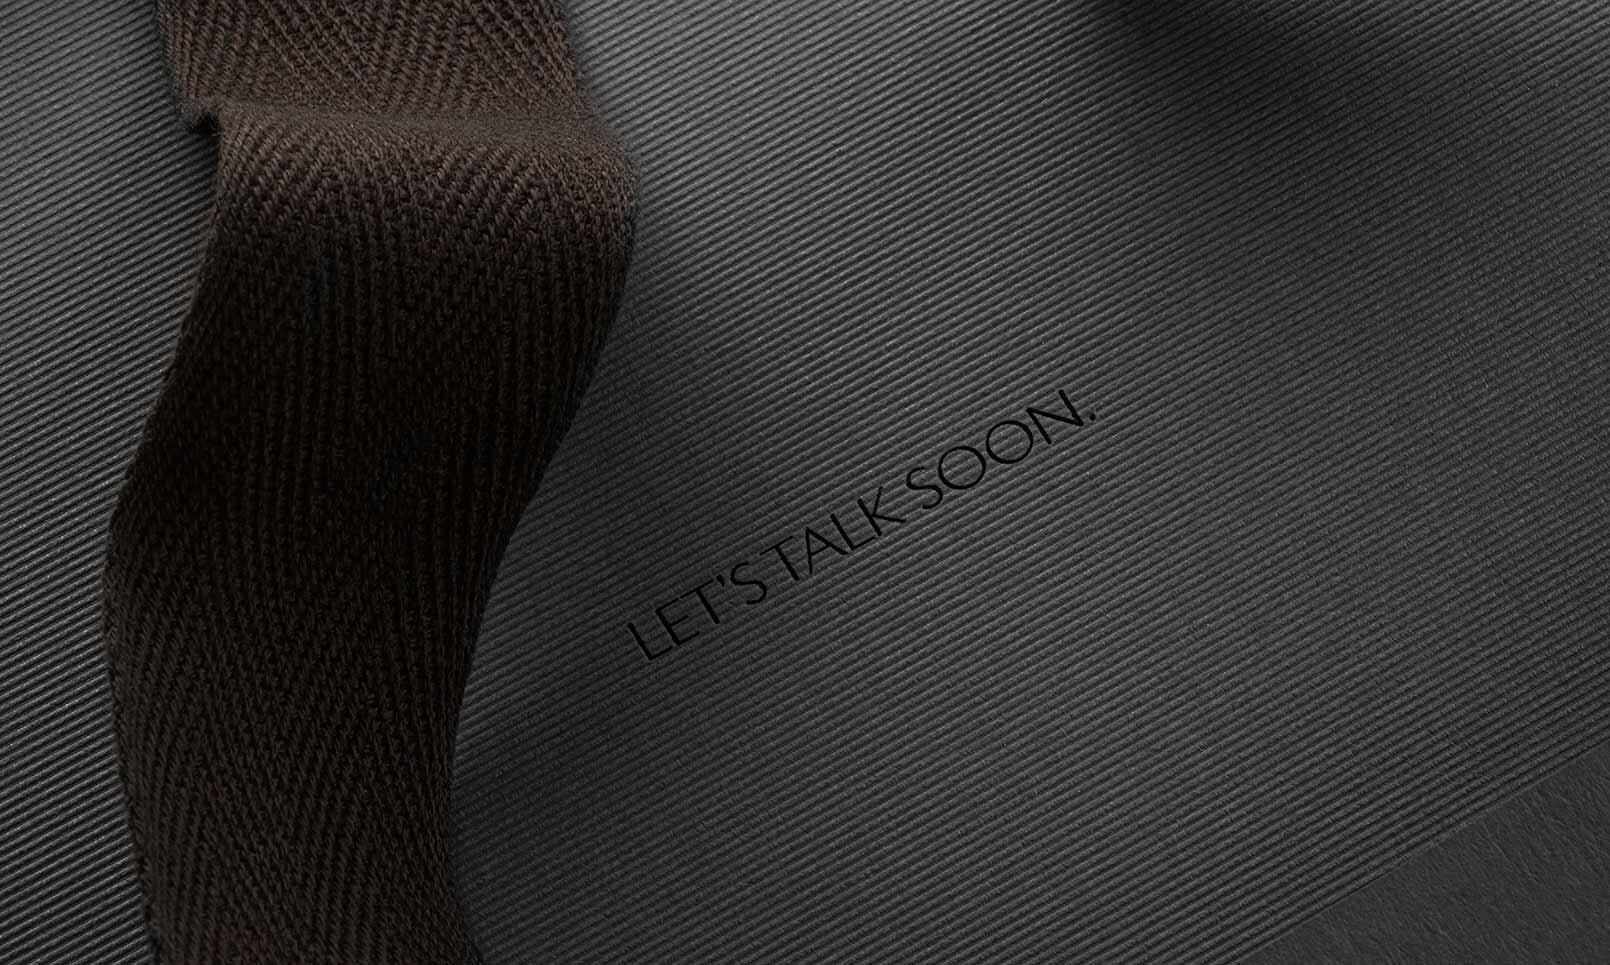 设计包装 - 促销 - 豪华套装 - 刚性箱切割和缝合带-4.jpg